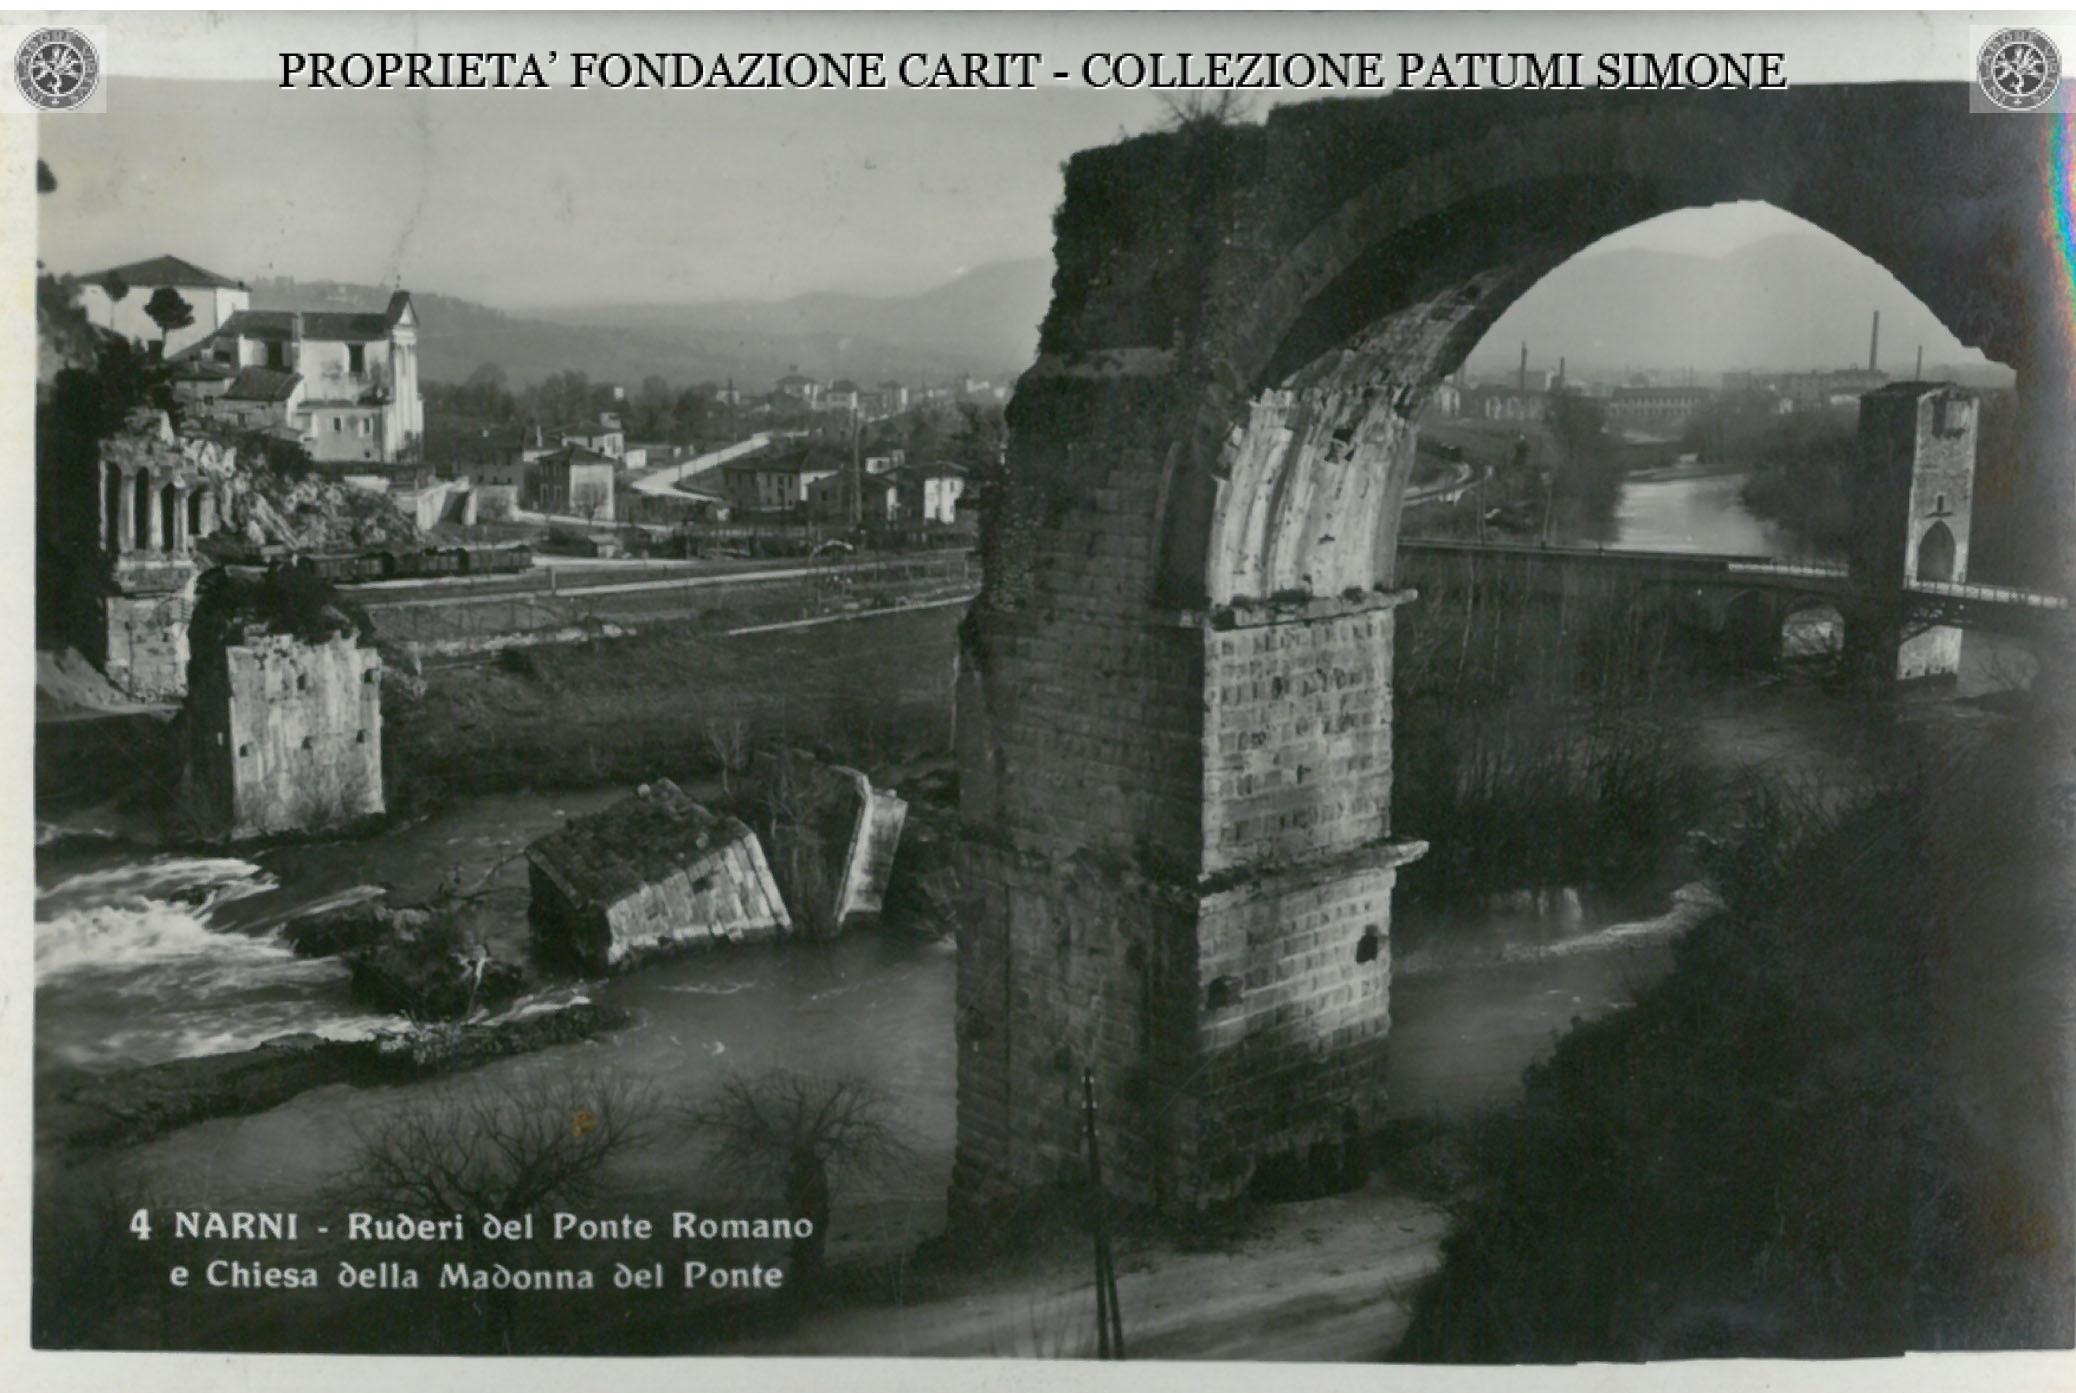 1905 Narni Collection Patumi Simone, Cassa di Risparmio di Narni e Terni